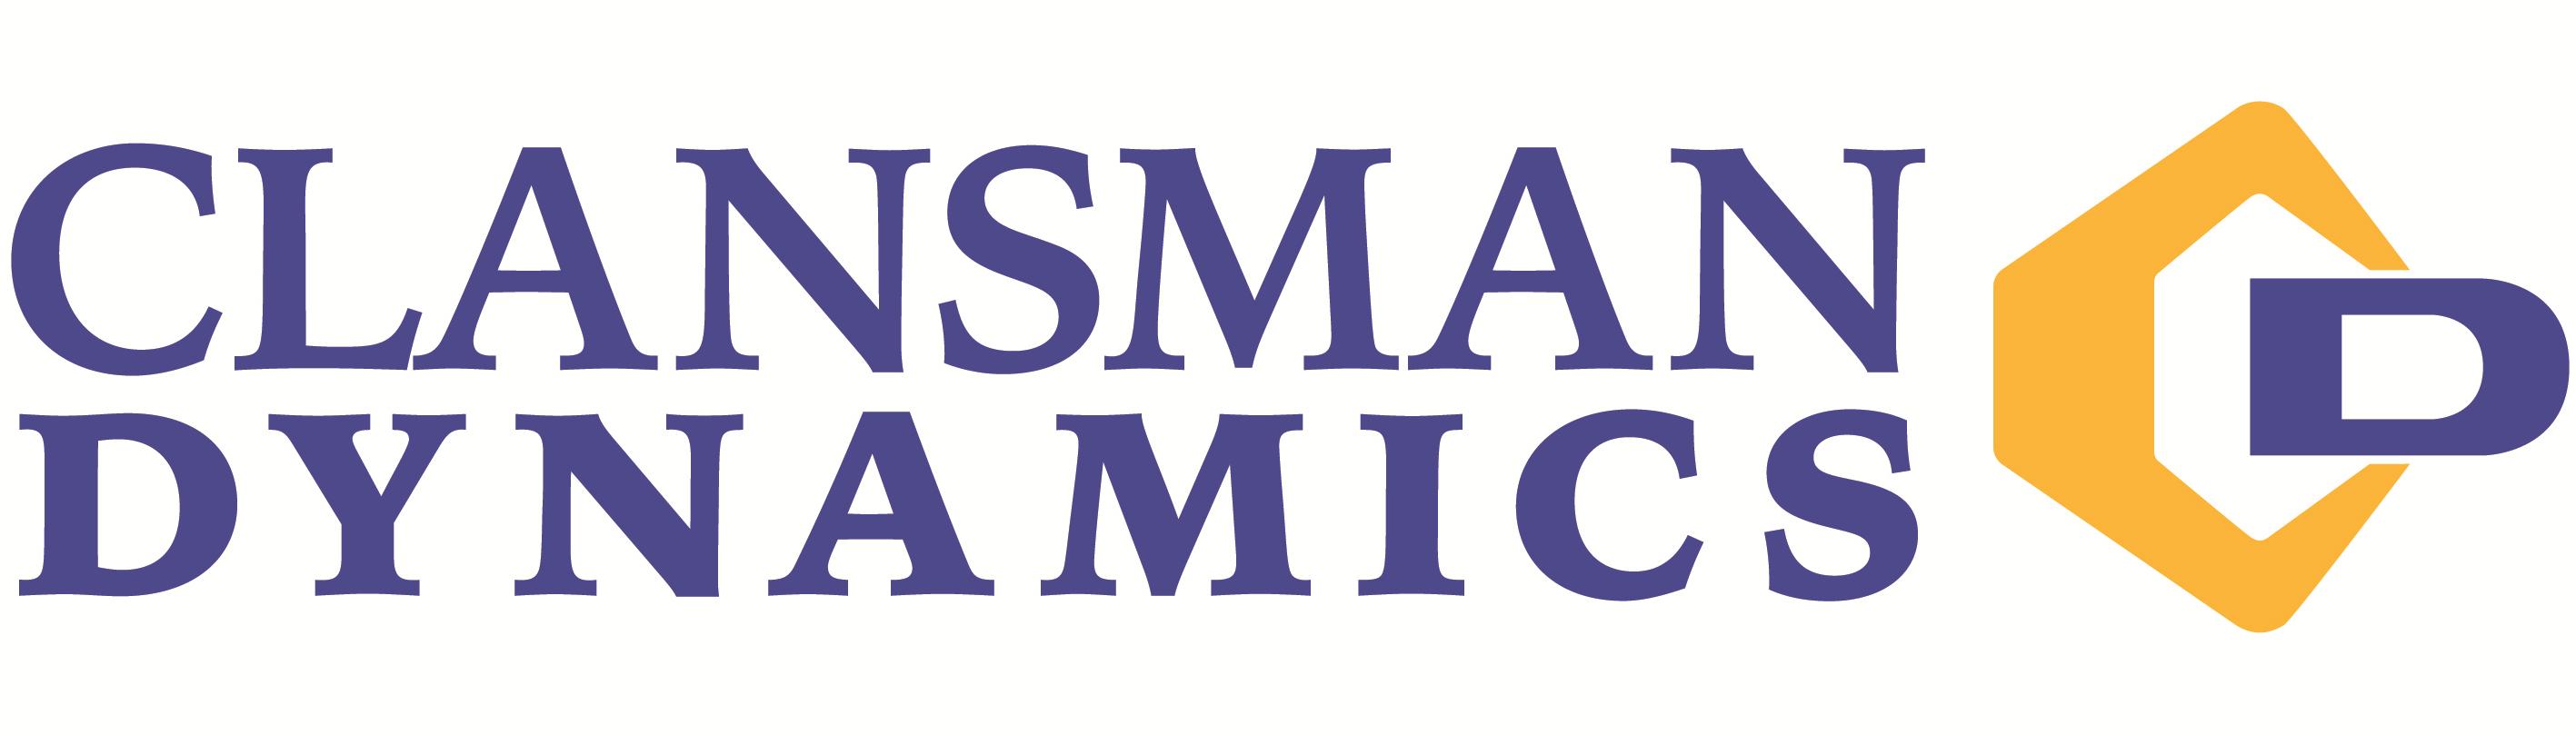 Clansman Dynamics